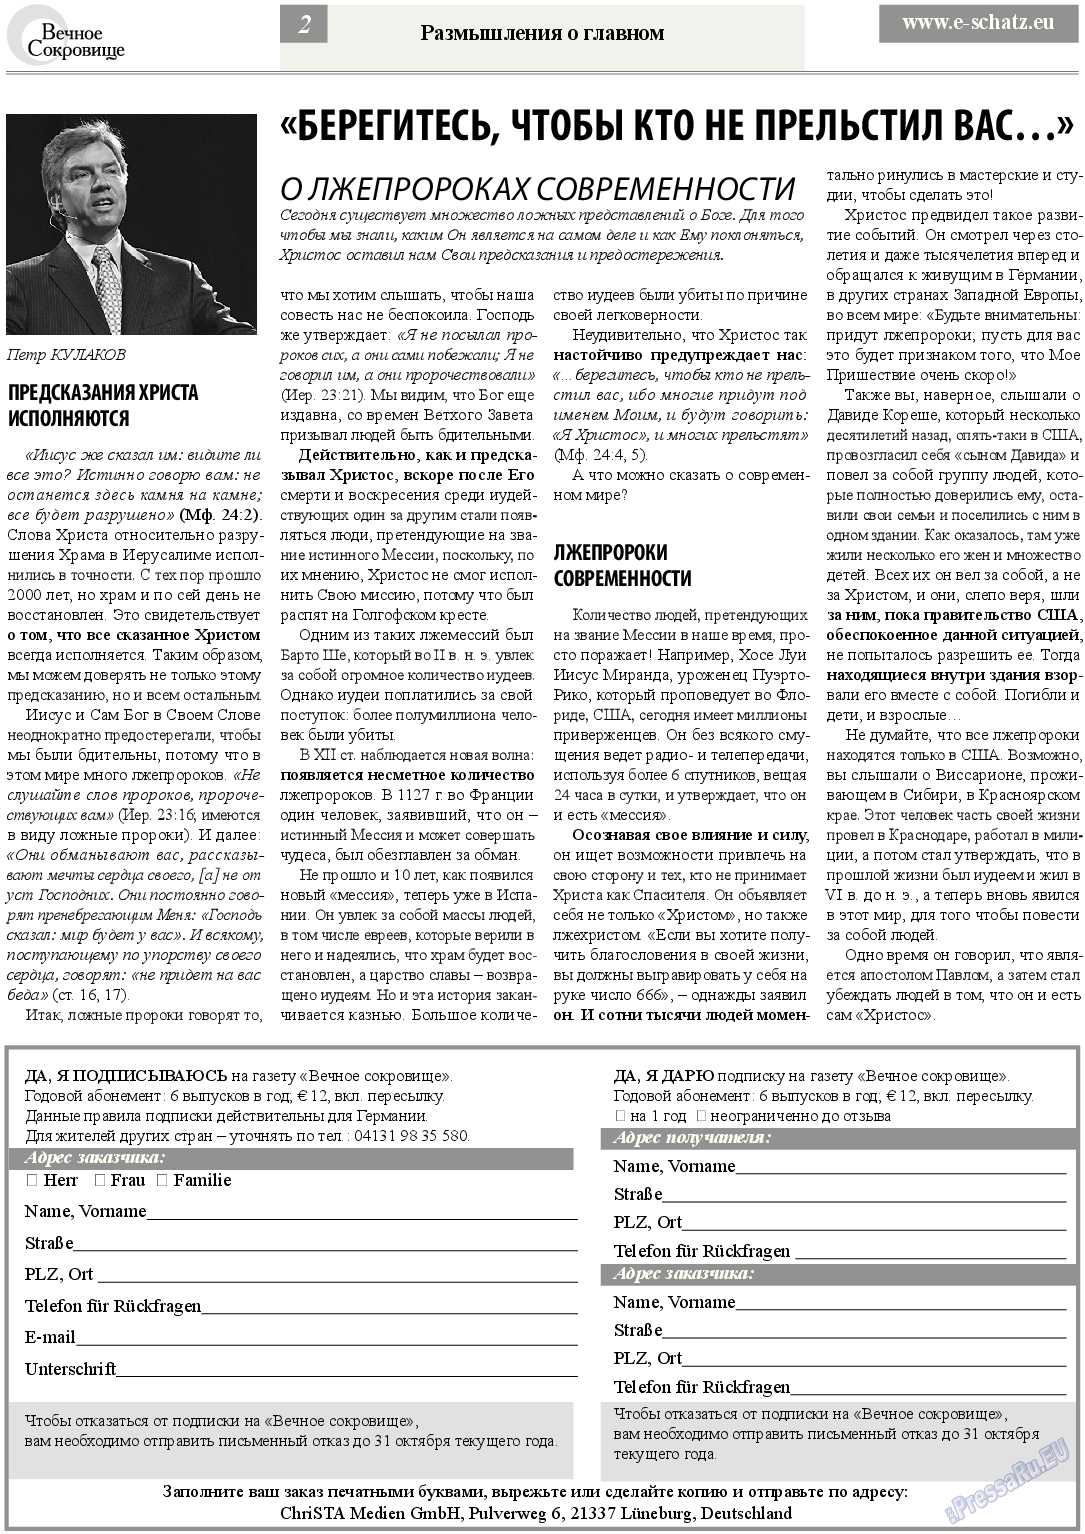 Вечное сокровище (газета). 2013 год, номер 4, стр. 2